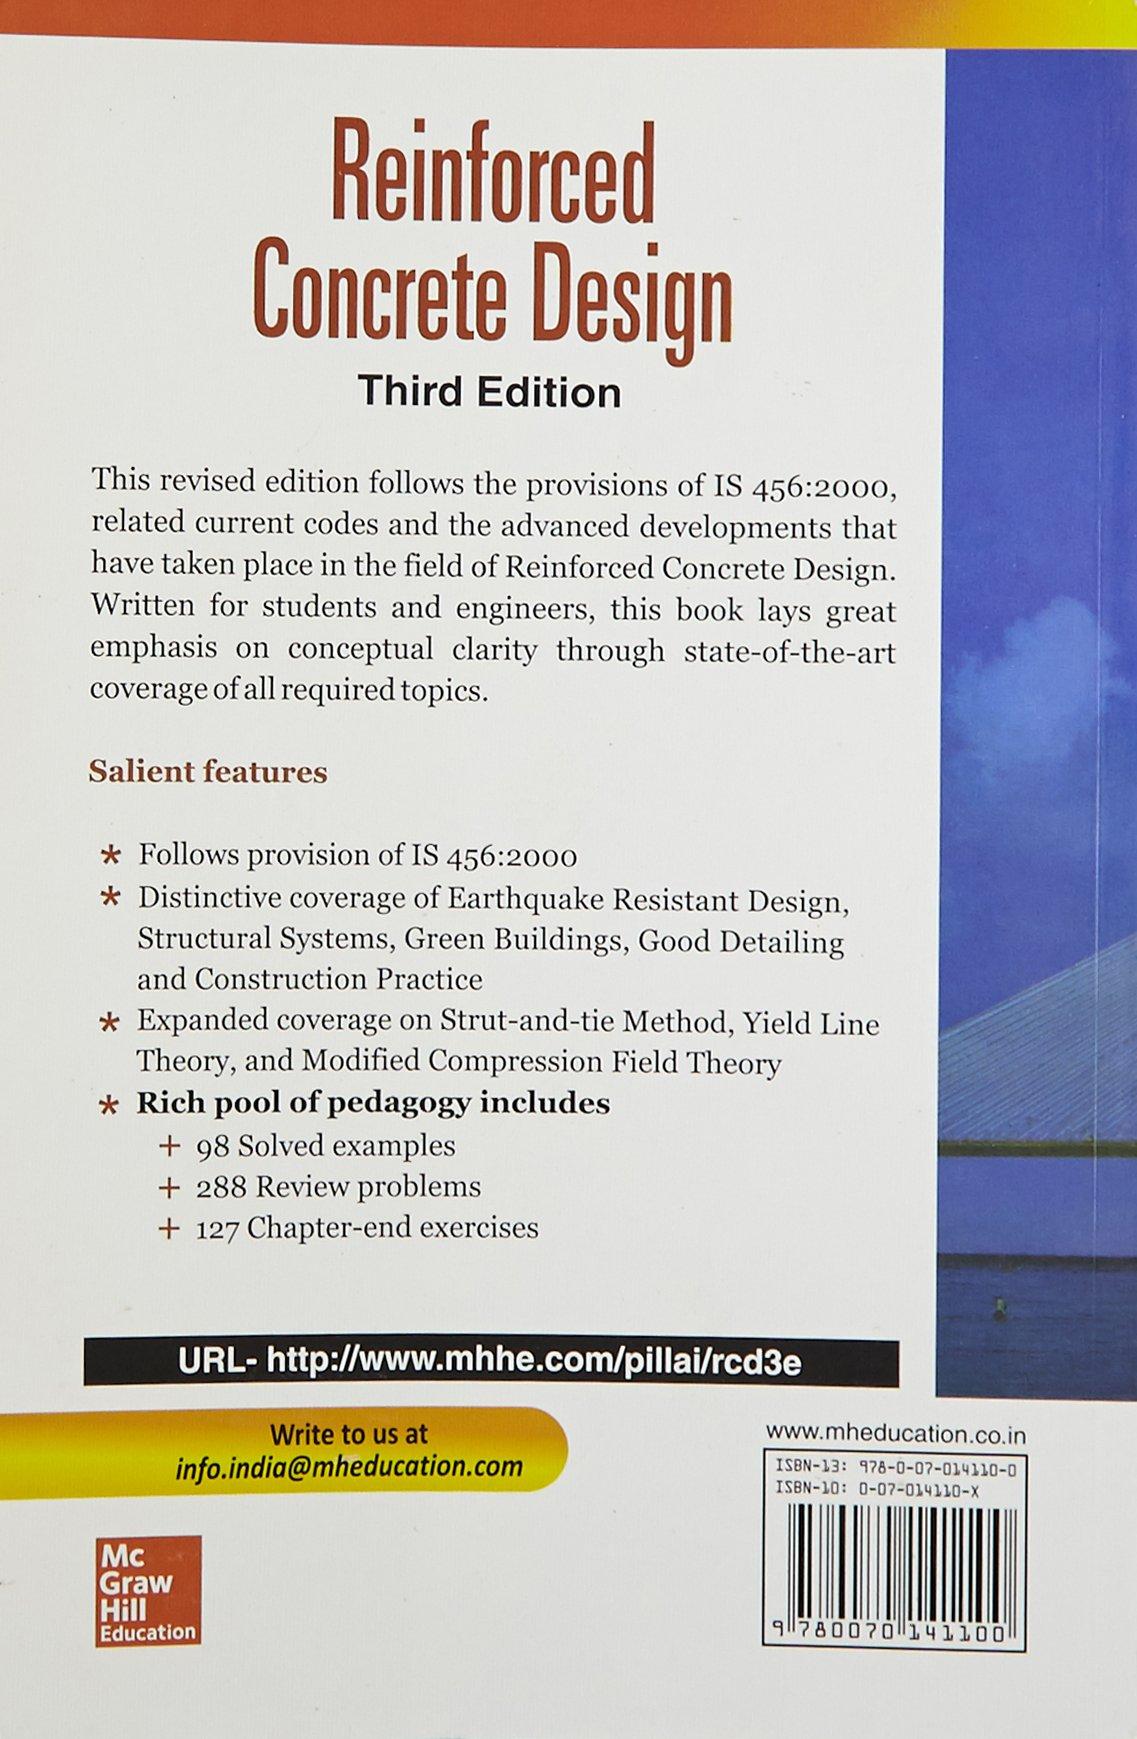 Reinforced concrete design pillai 9780070141100 amazon books fandeluxe Images